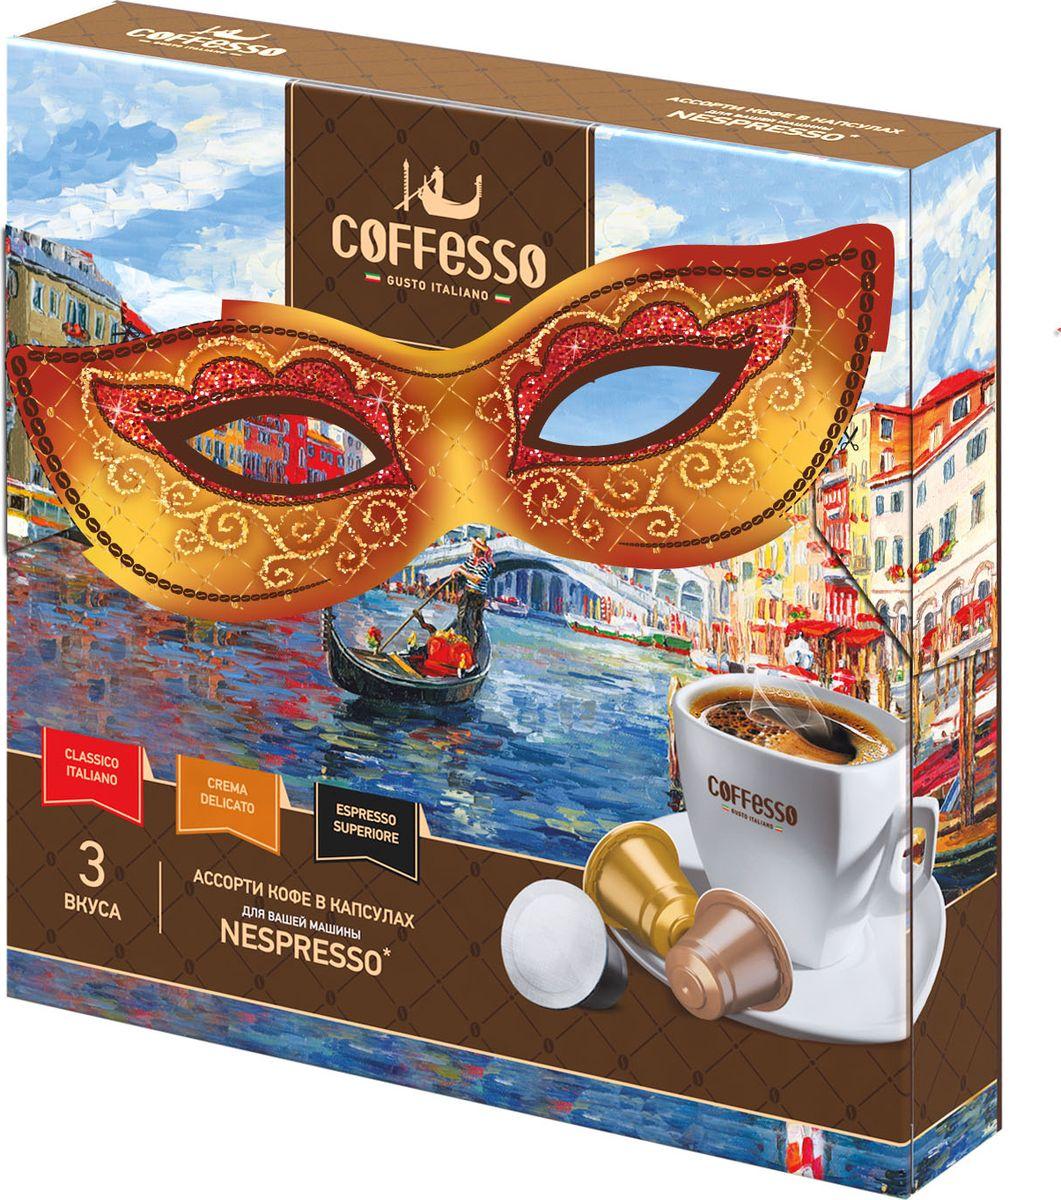 Coffesso Art Box Capsules маска кофе в капсулах, 45 г100255Coffesso - это кофе с неповторимым вкусом и ароматом, приготовленный по оригинальным итальянским рецептурам, 100% Арабика. Coffesso - кофе для Вашего позитивного перерыва. Капсулы кофе Coffesso совместимы с кофемашинами Nespresso.Кофе: мифы и факты. Статья OZON Гид